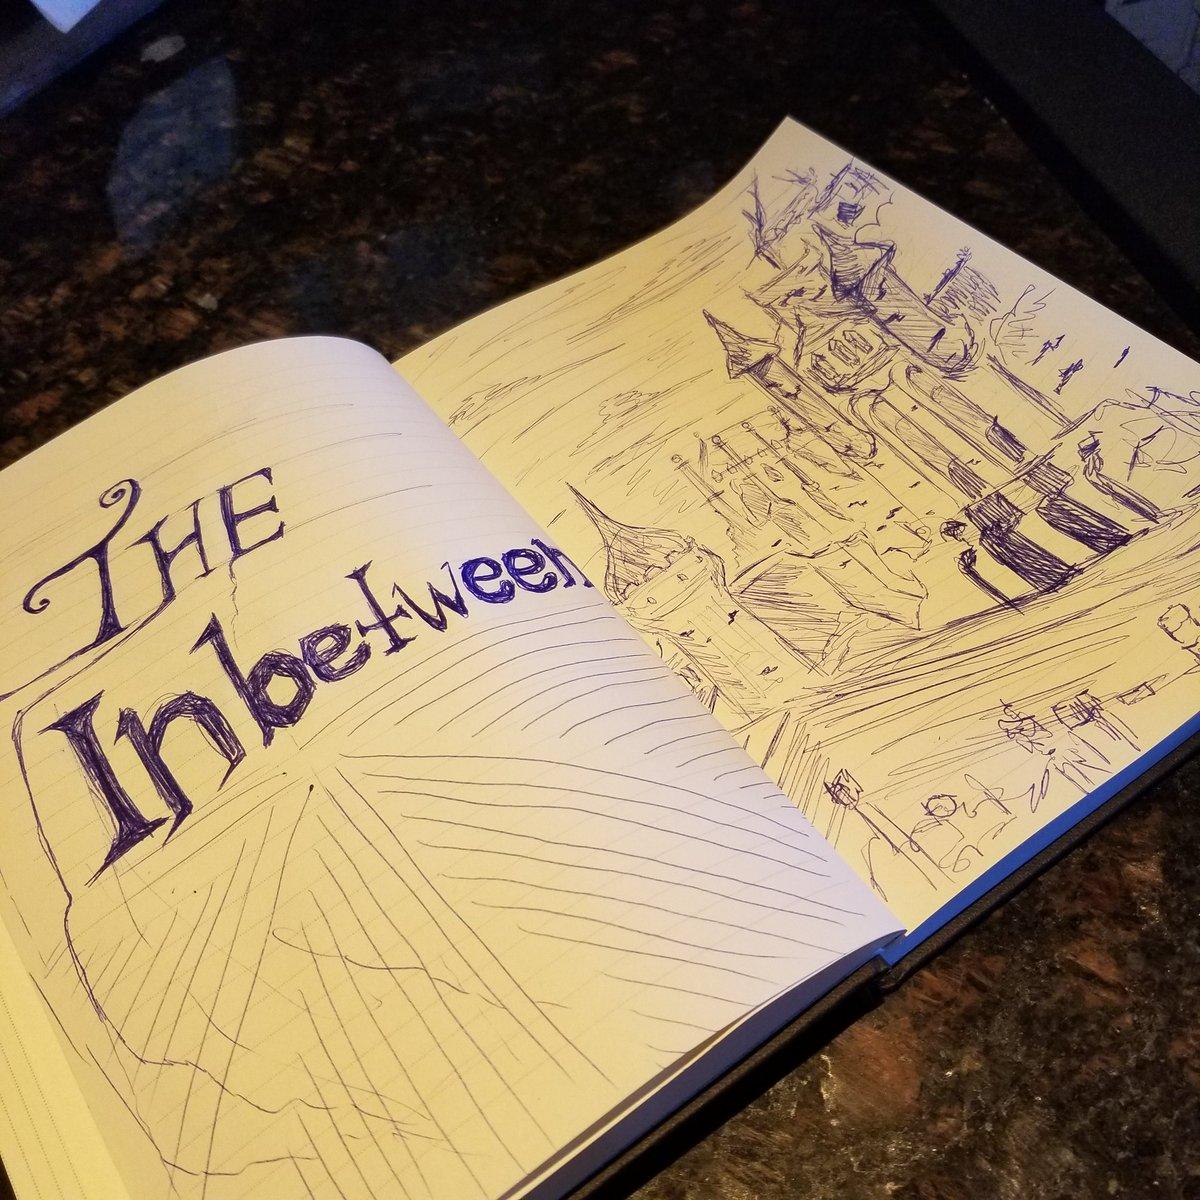 A sneak peek into the book idea  #talesofthesmp